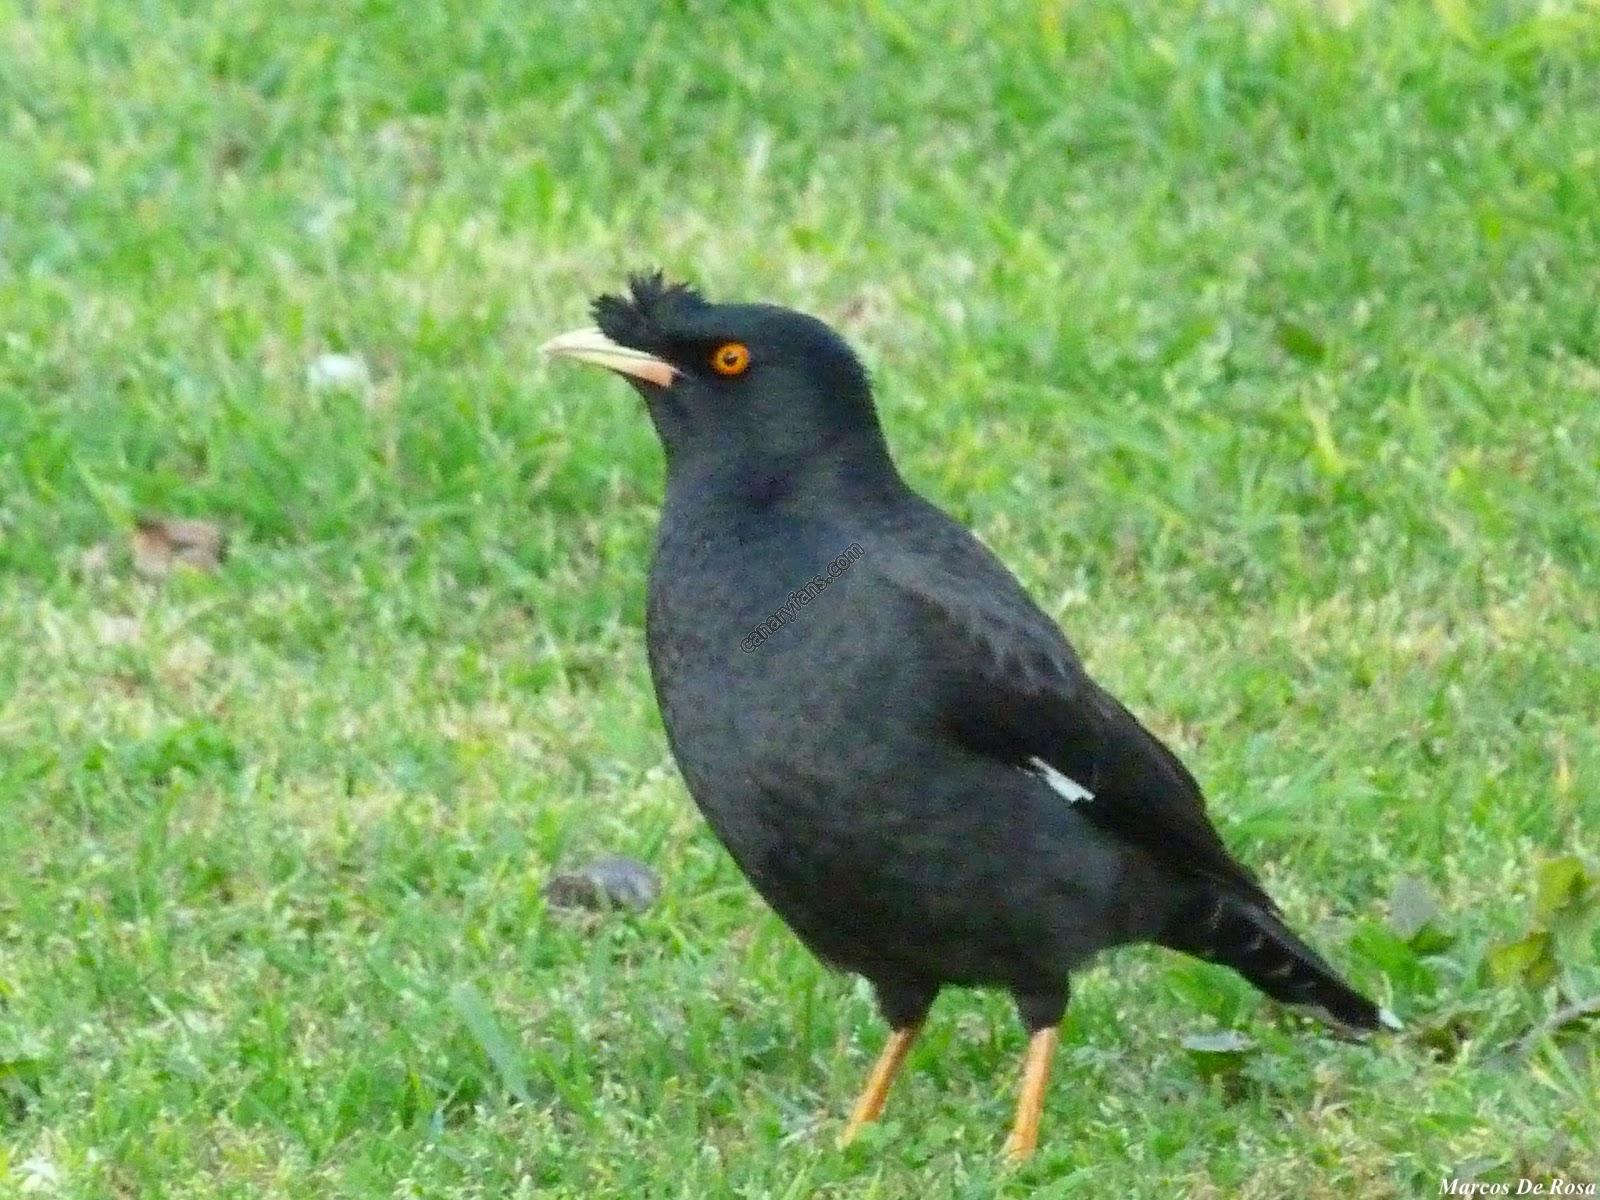 سلسلة طيور فى الطبيعة : الحلقة الثالثة